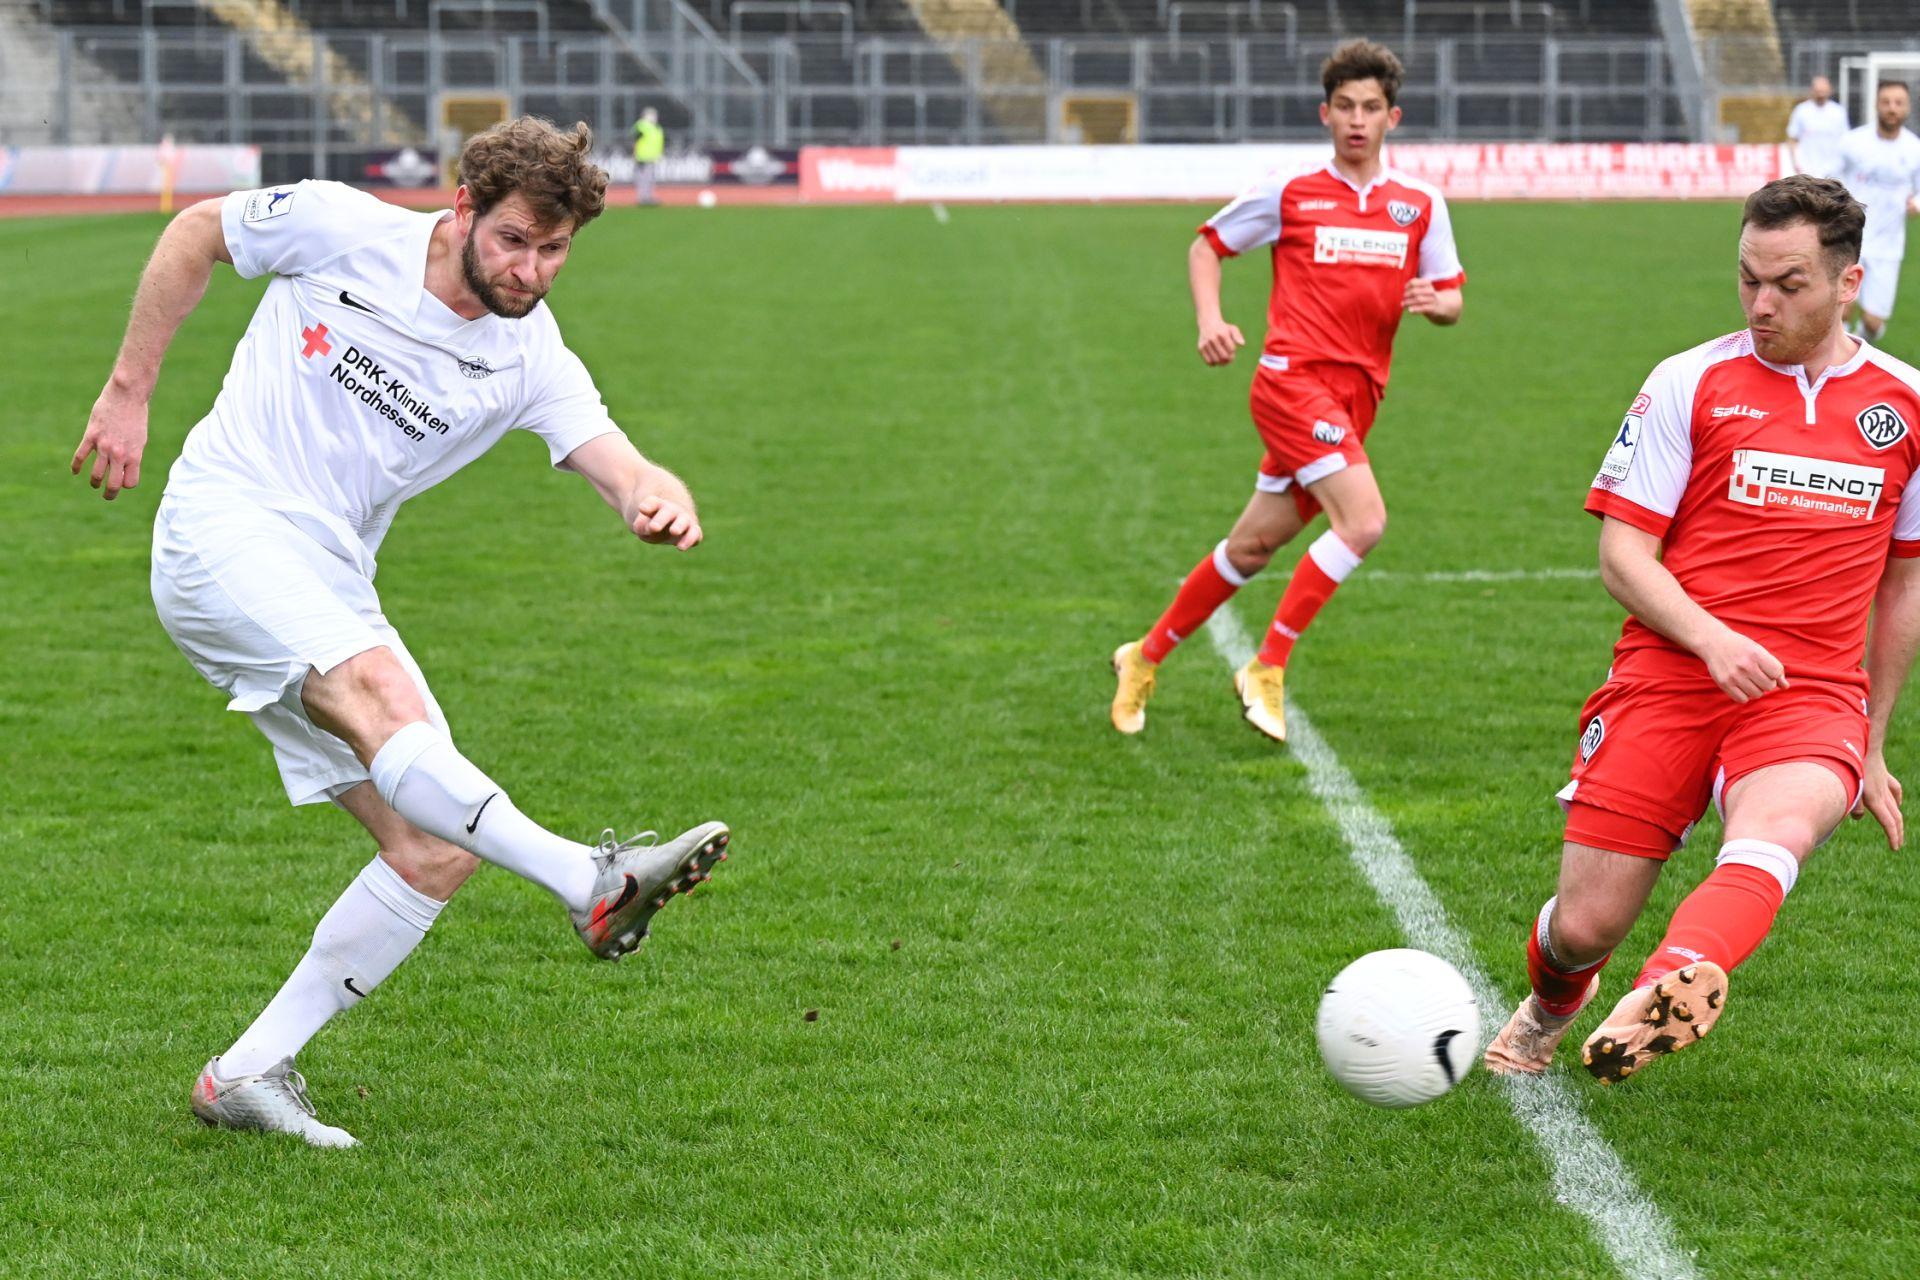 Regionalliga Südwest 2020/21, KSV Hessen Kassel, VfR Aalen, Endstand 1:1, Ingmar Merle